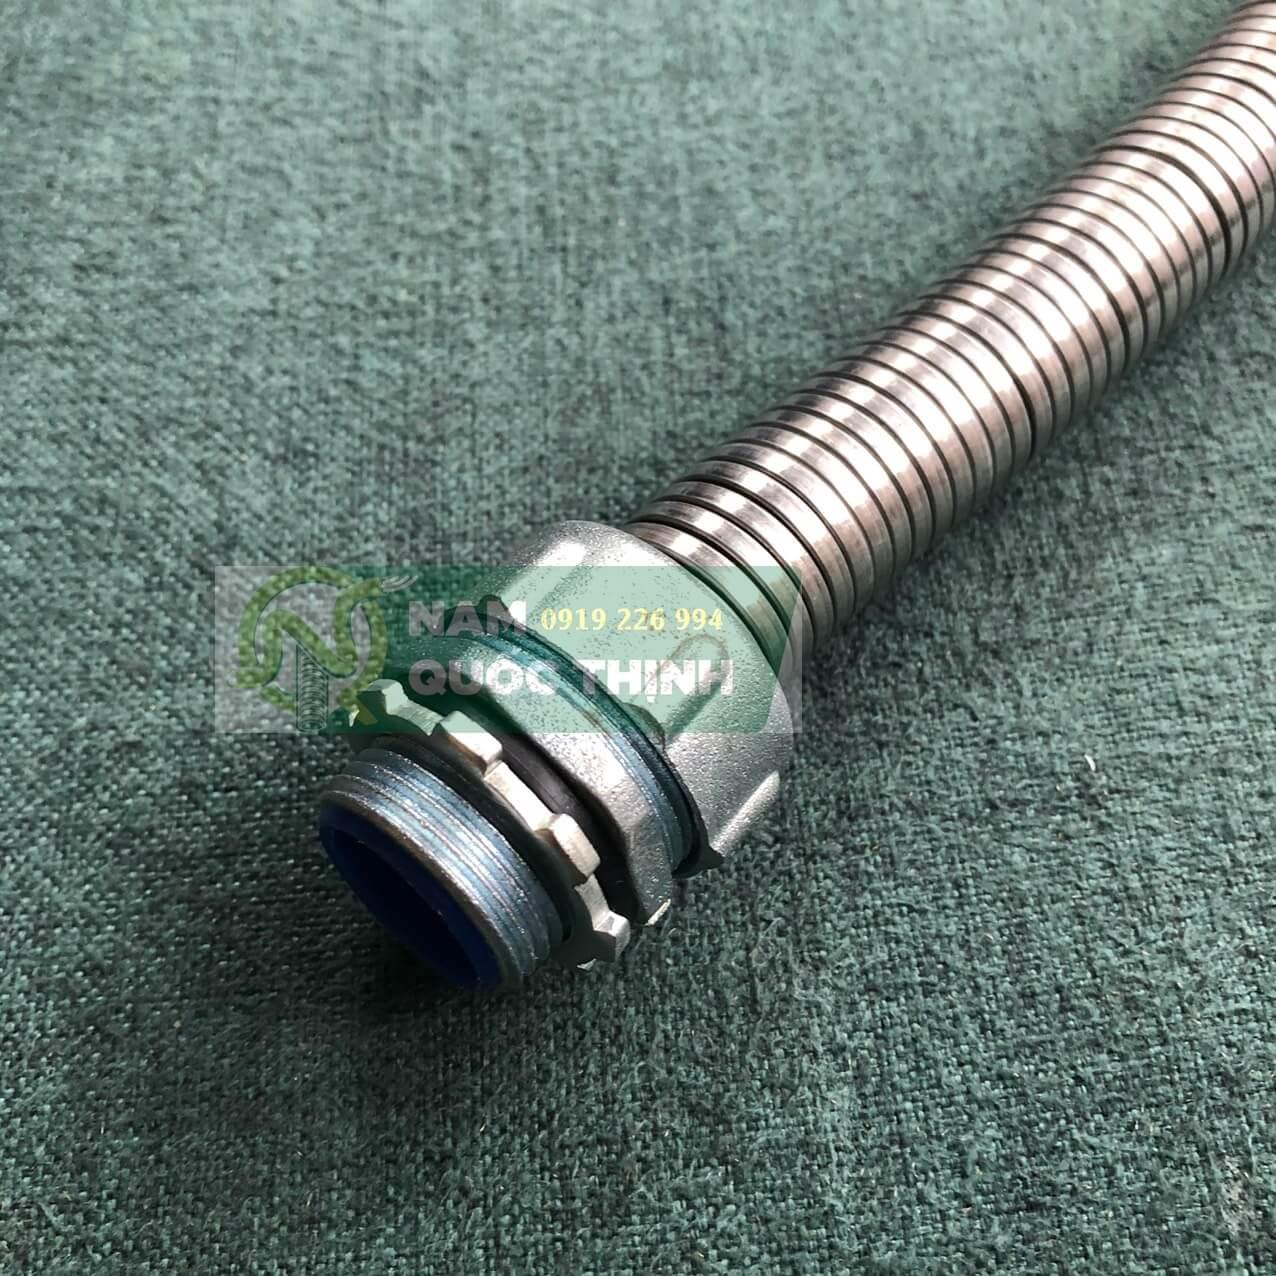 Đầu nối ống ruột gà lõi thép với ống ruột gà inox 304